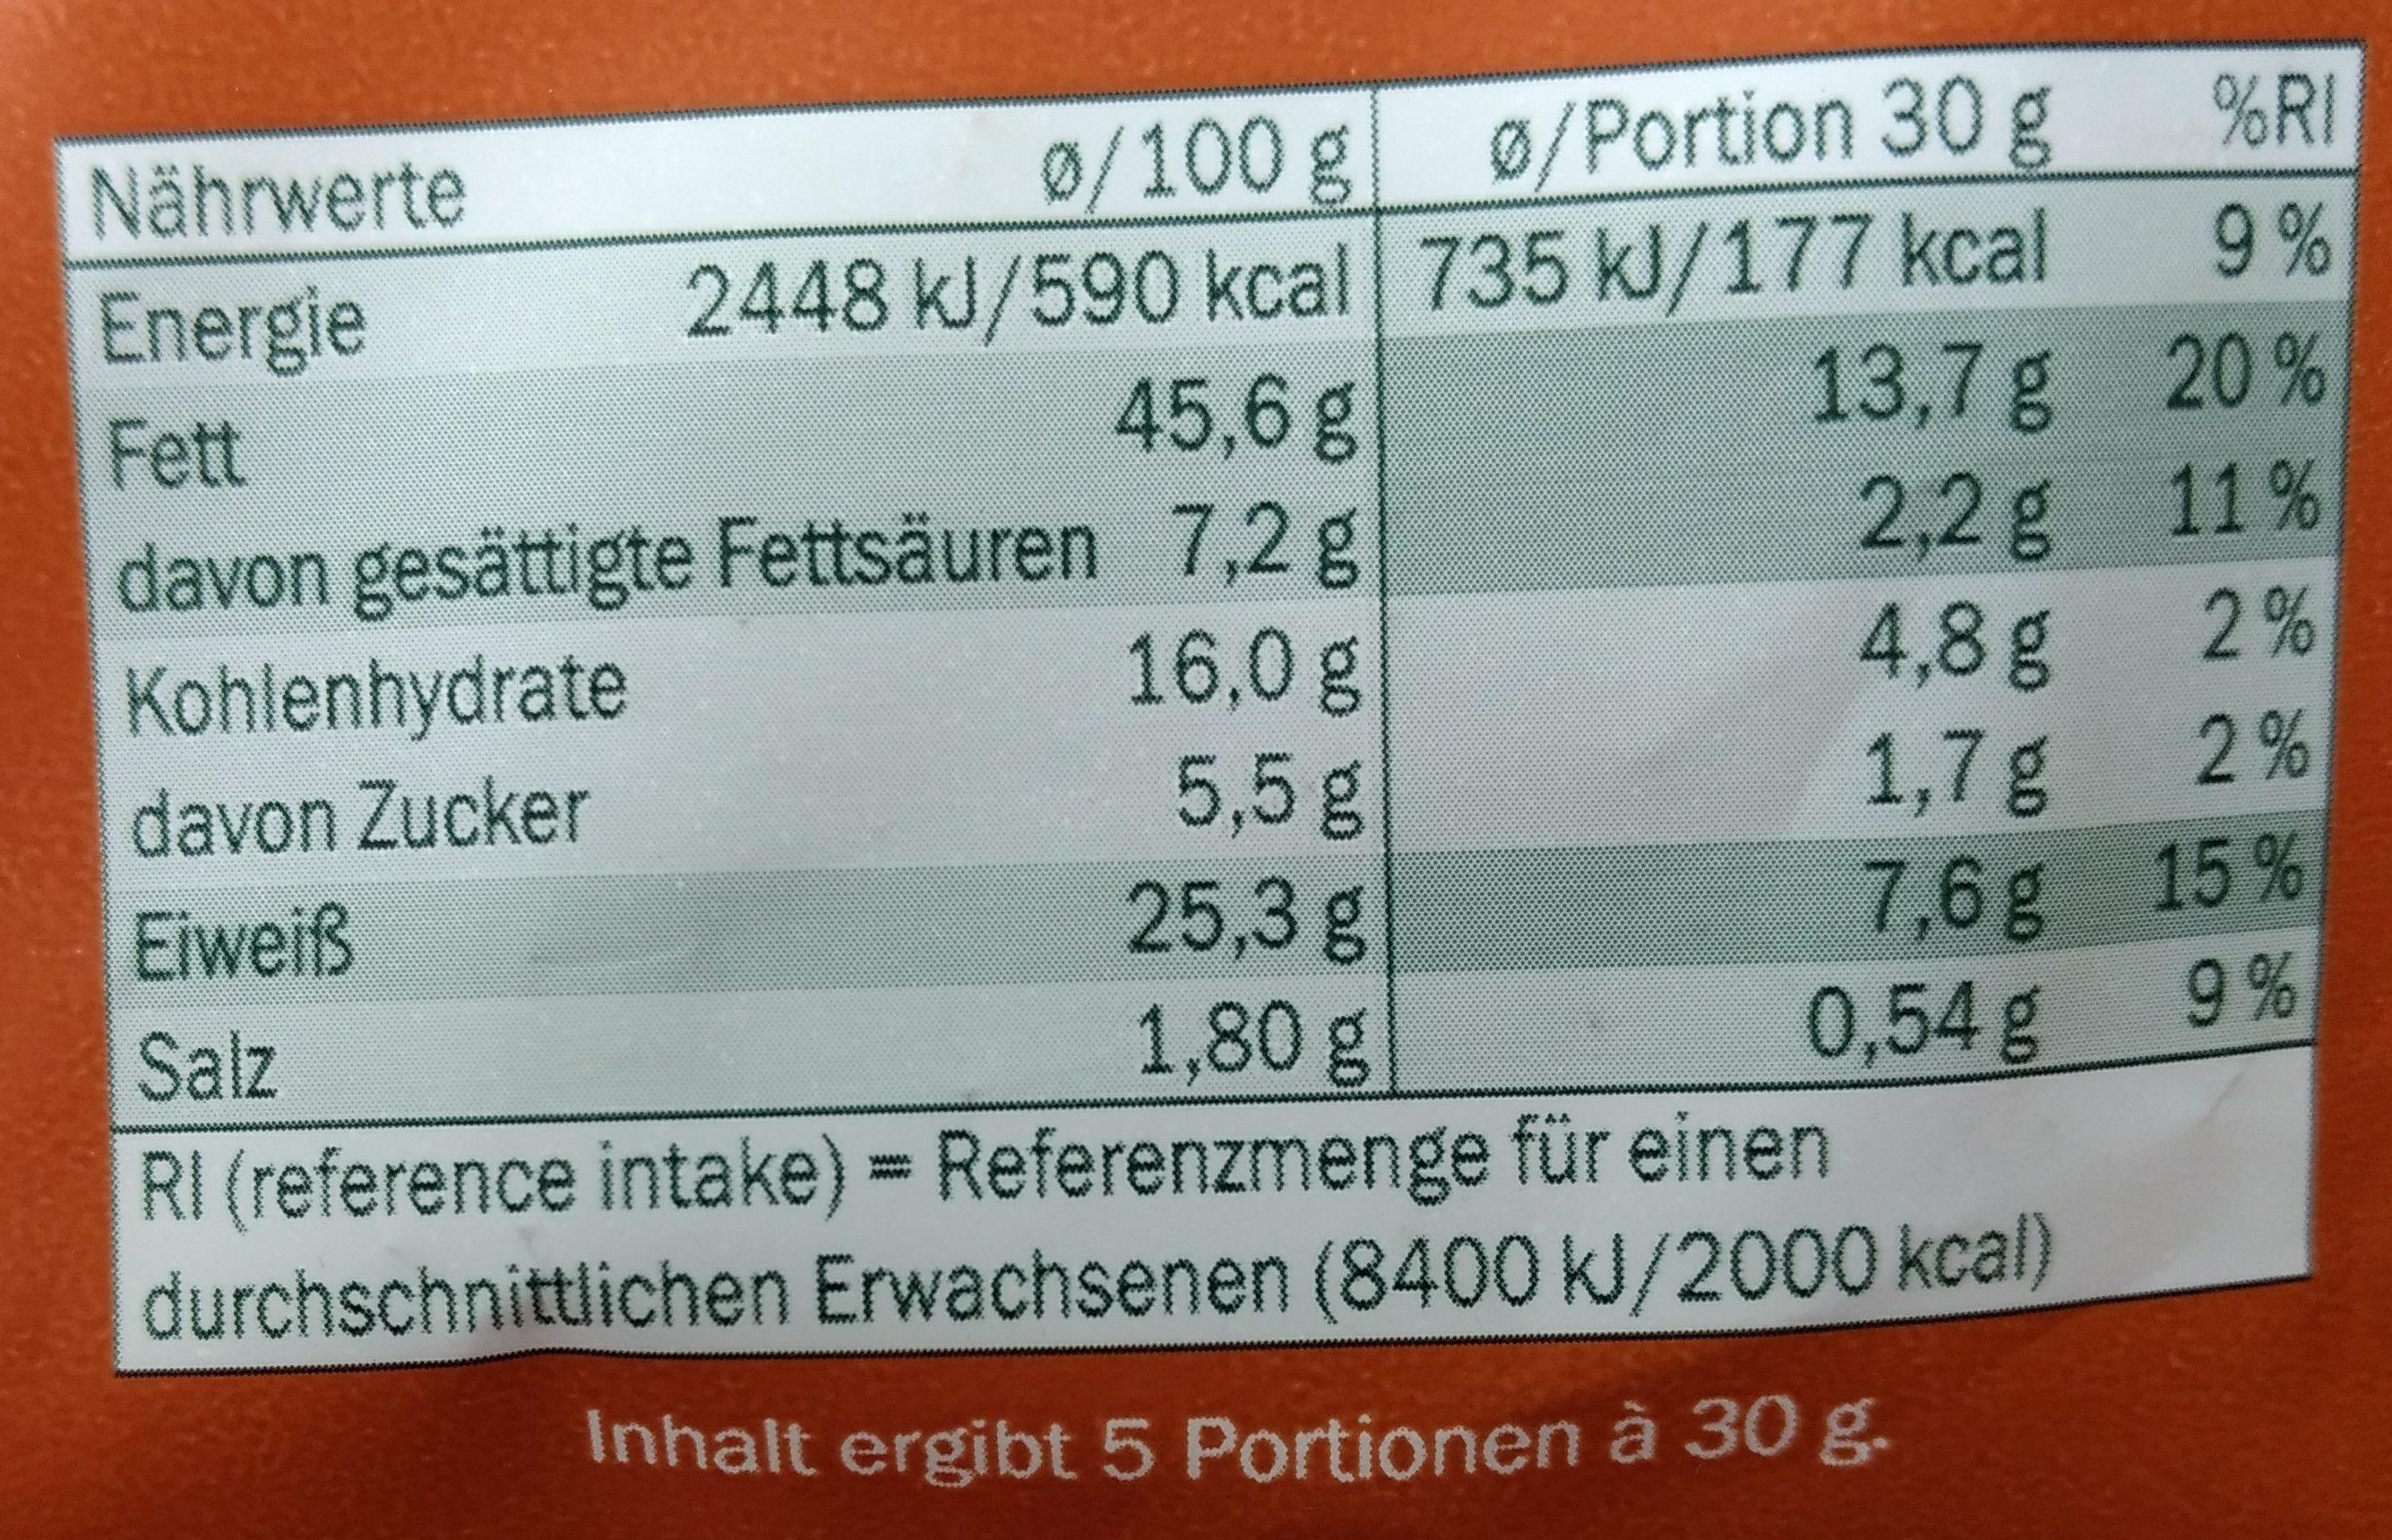 Arachides grillées à sec - Nährwertangaben - de